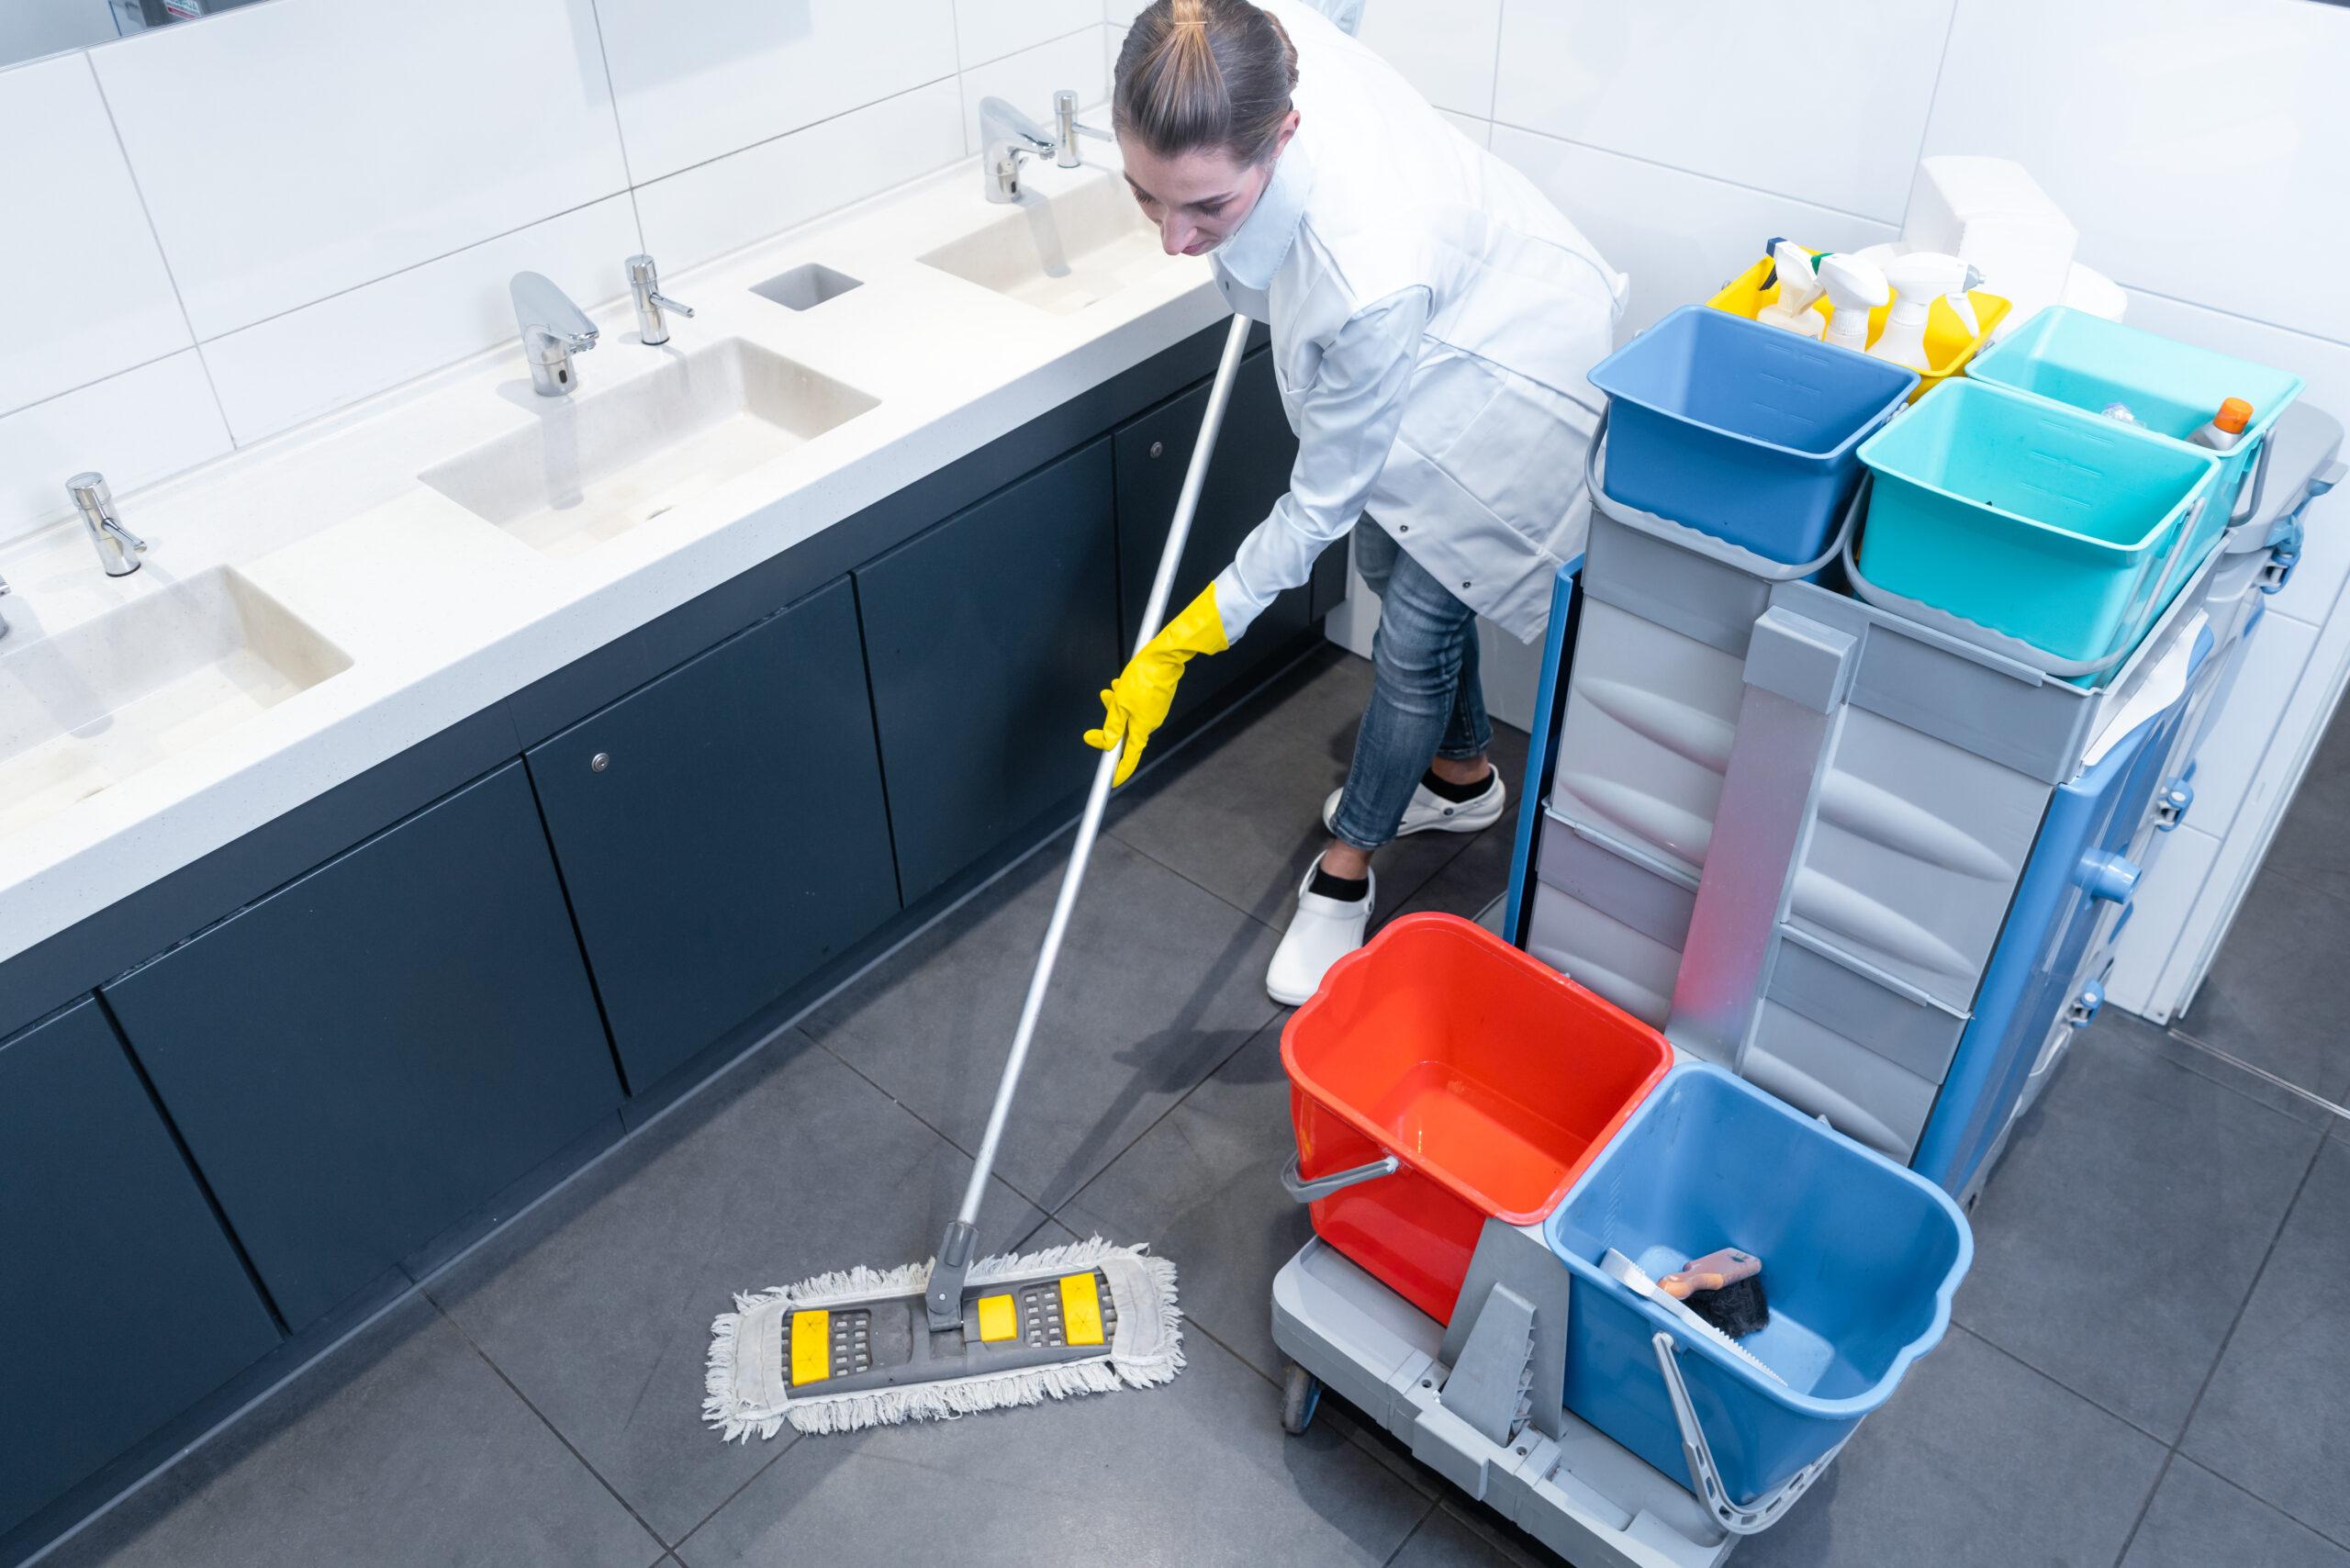 Keeping Businesses Clean During Flu Season